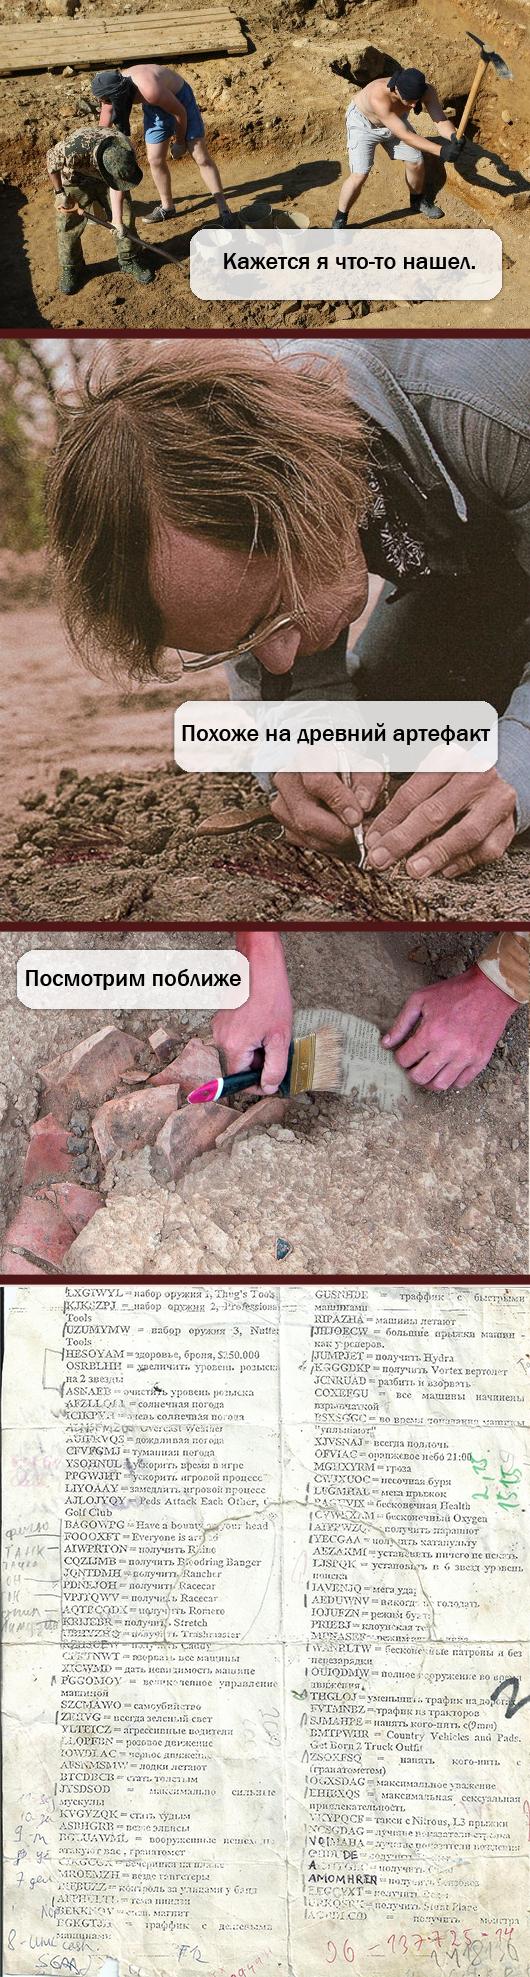 Были времена).. - Изображение 1